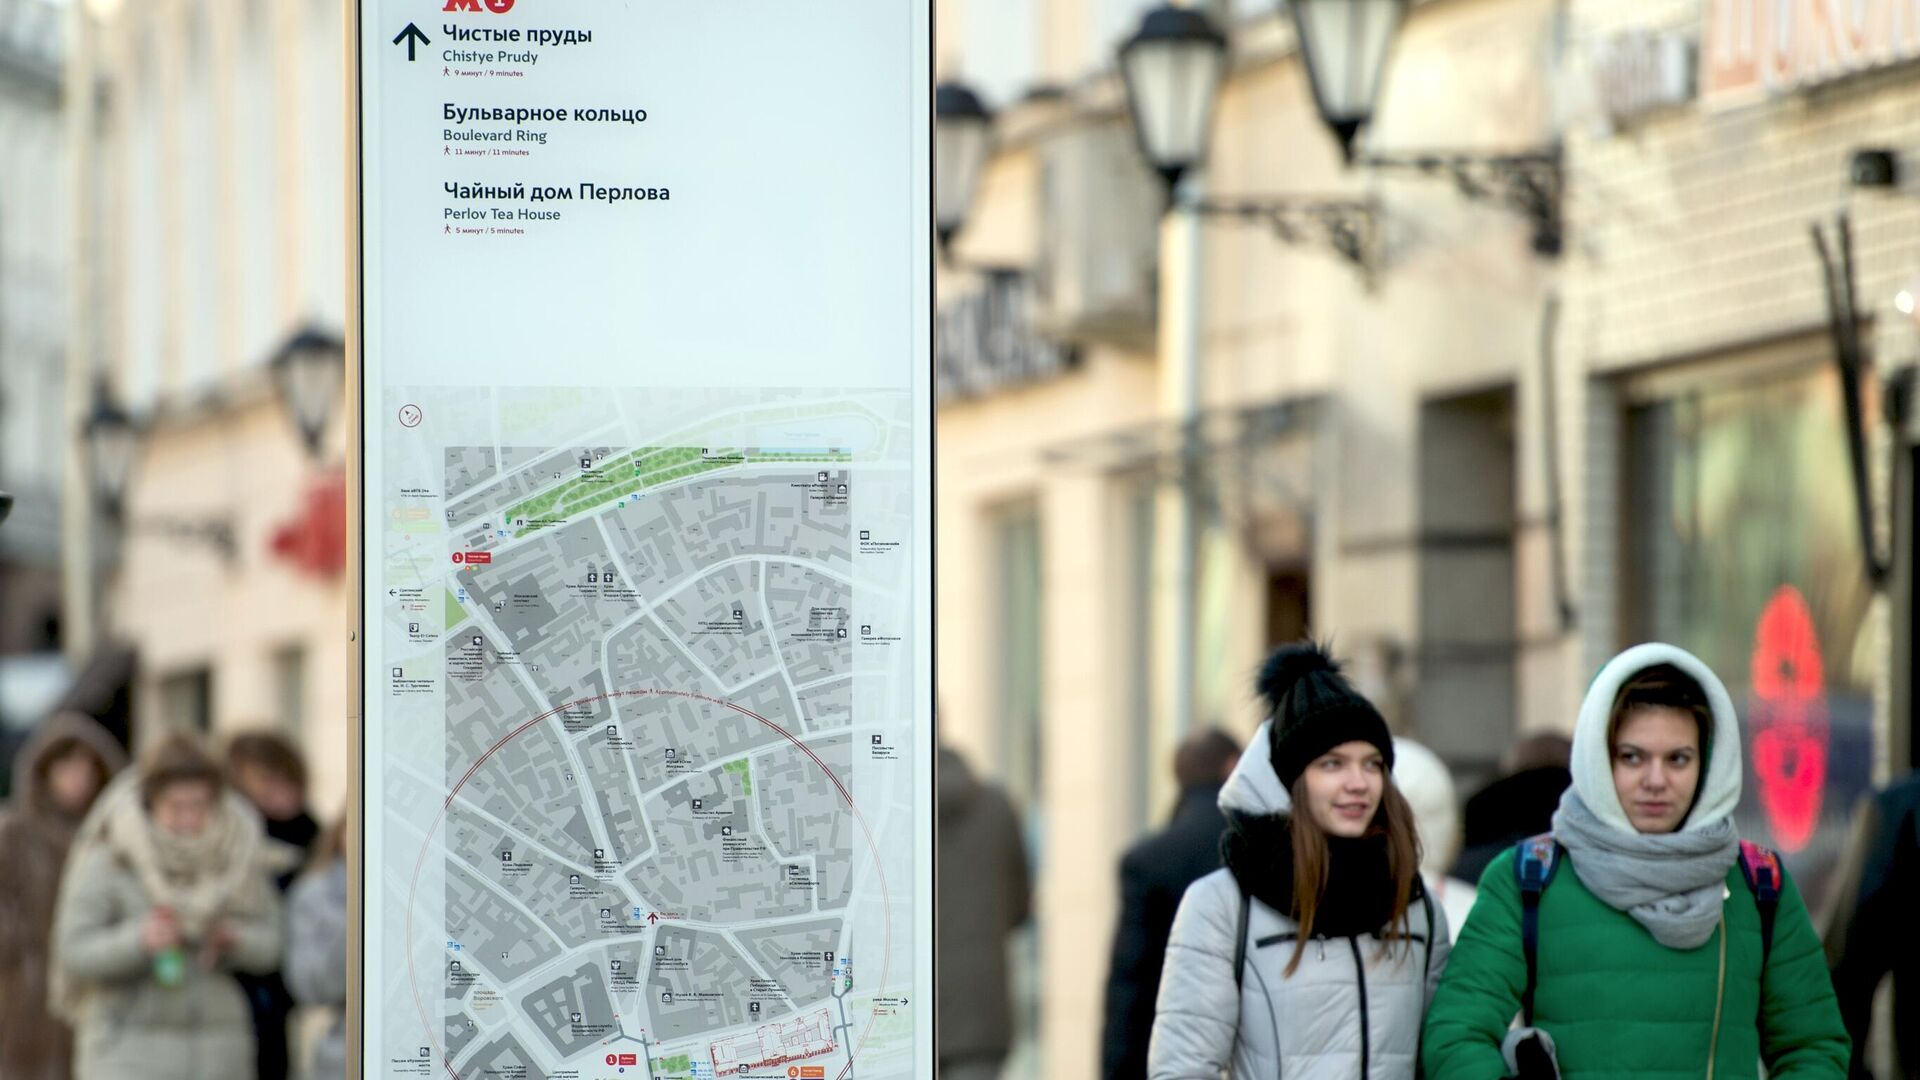 Стелы пешеходной навигации с Wi-Fi установили в Москве - РИА Новости, 1920, 17.10.2020